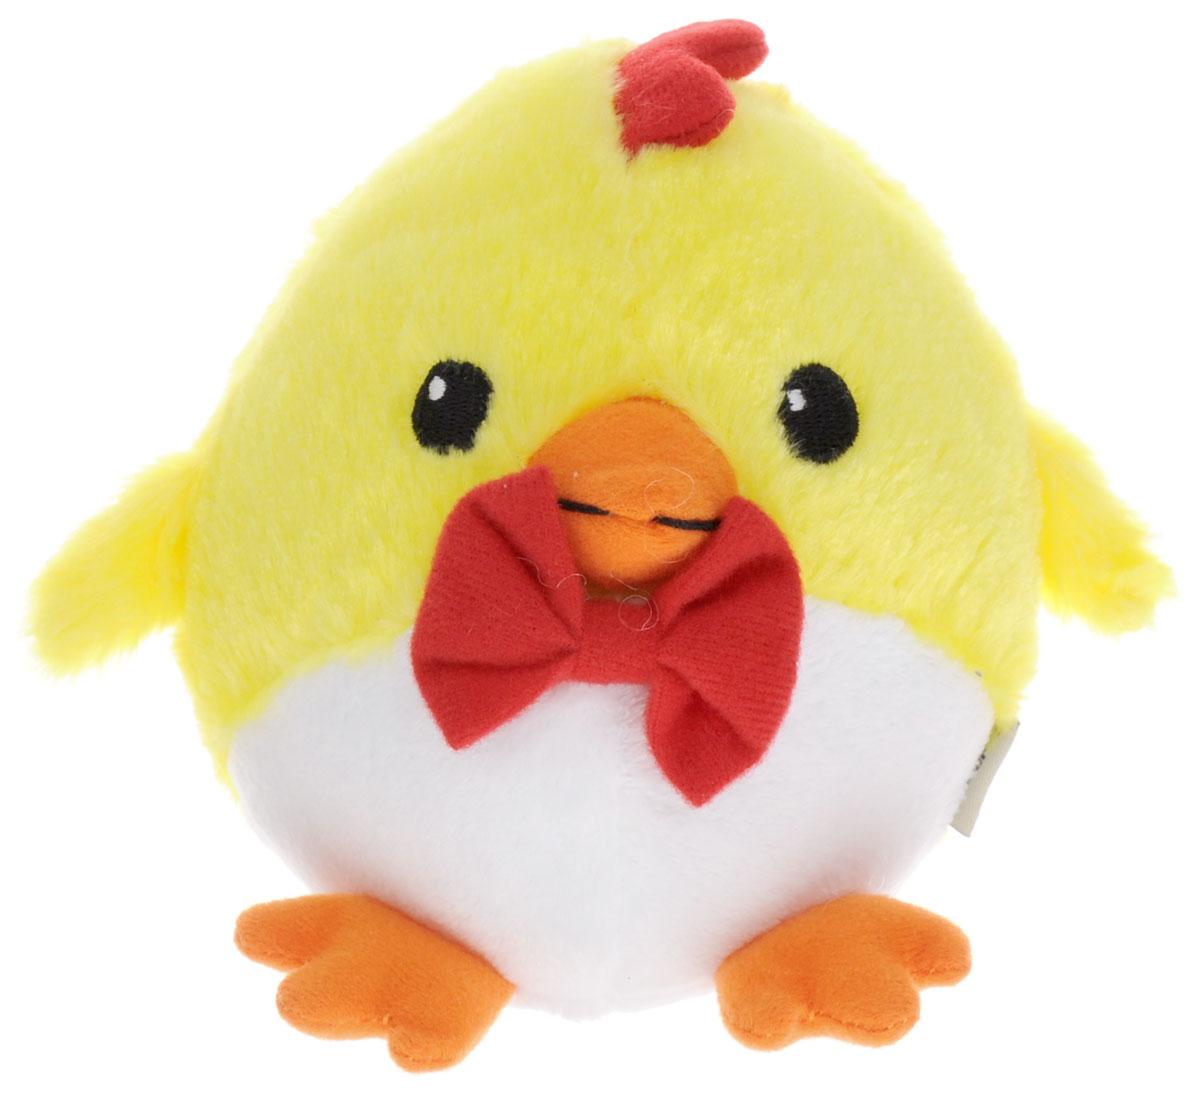 Gulliver Мягкая игрушка Цыпленок Солнышко с бабочкой 12 см gulliver мягкая игрушка цыпленок солнышко в штанишках цвет желтый черный серый 12 см